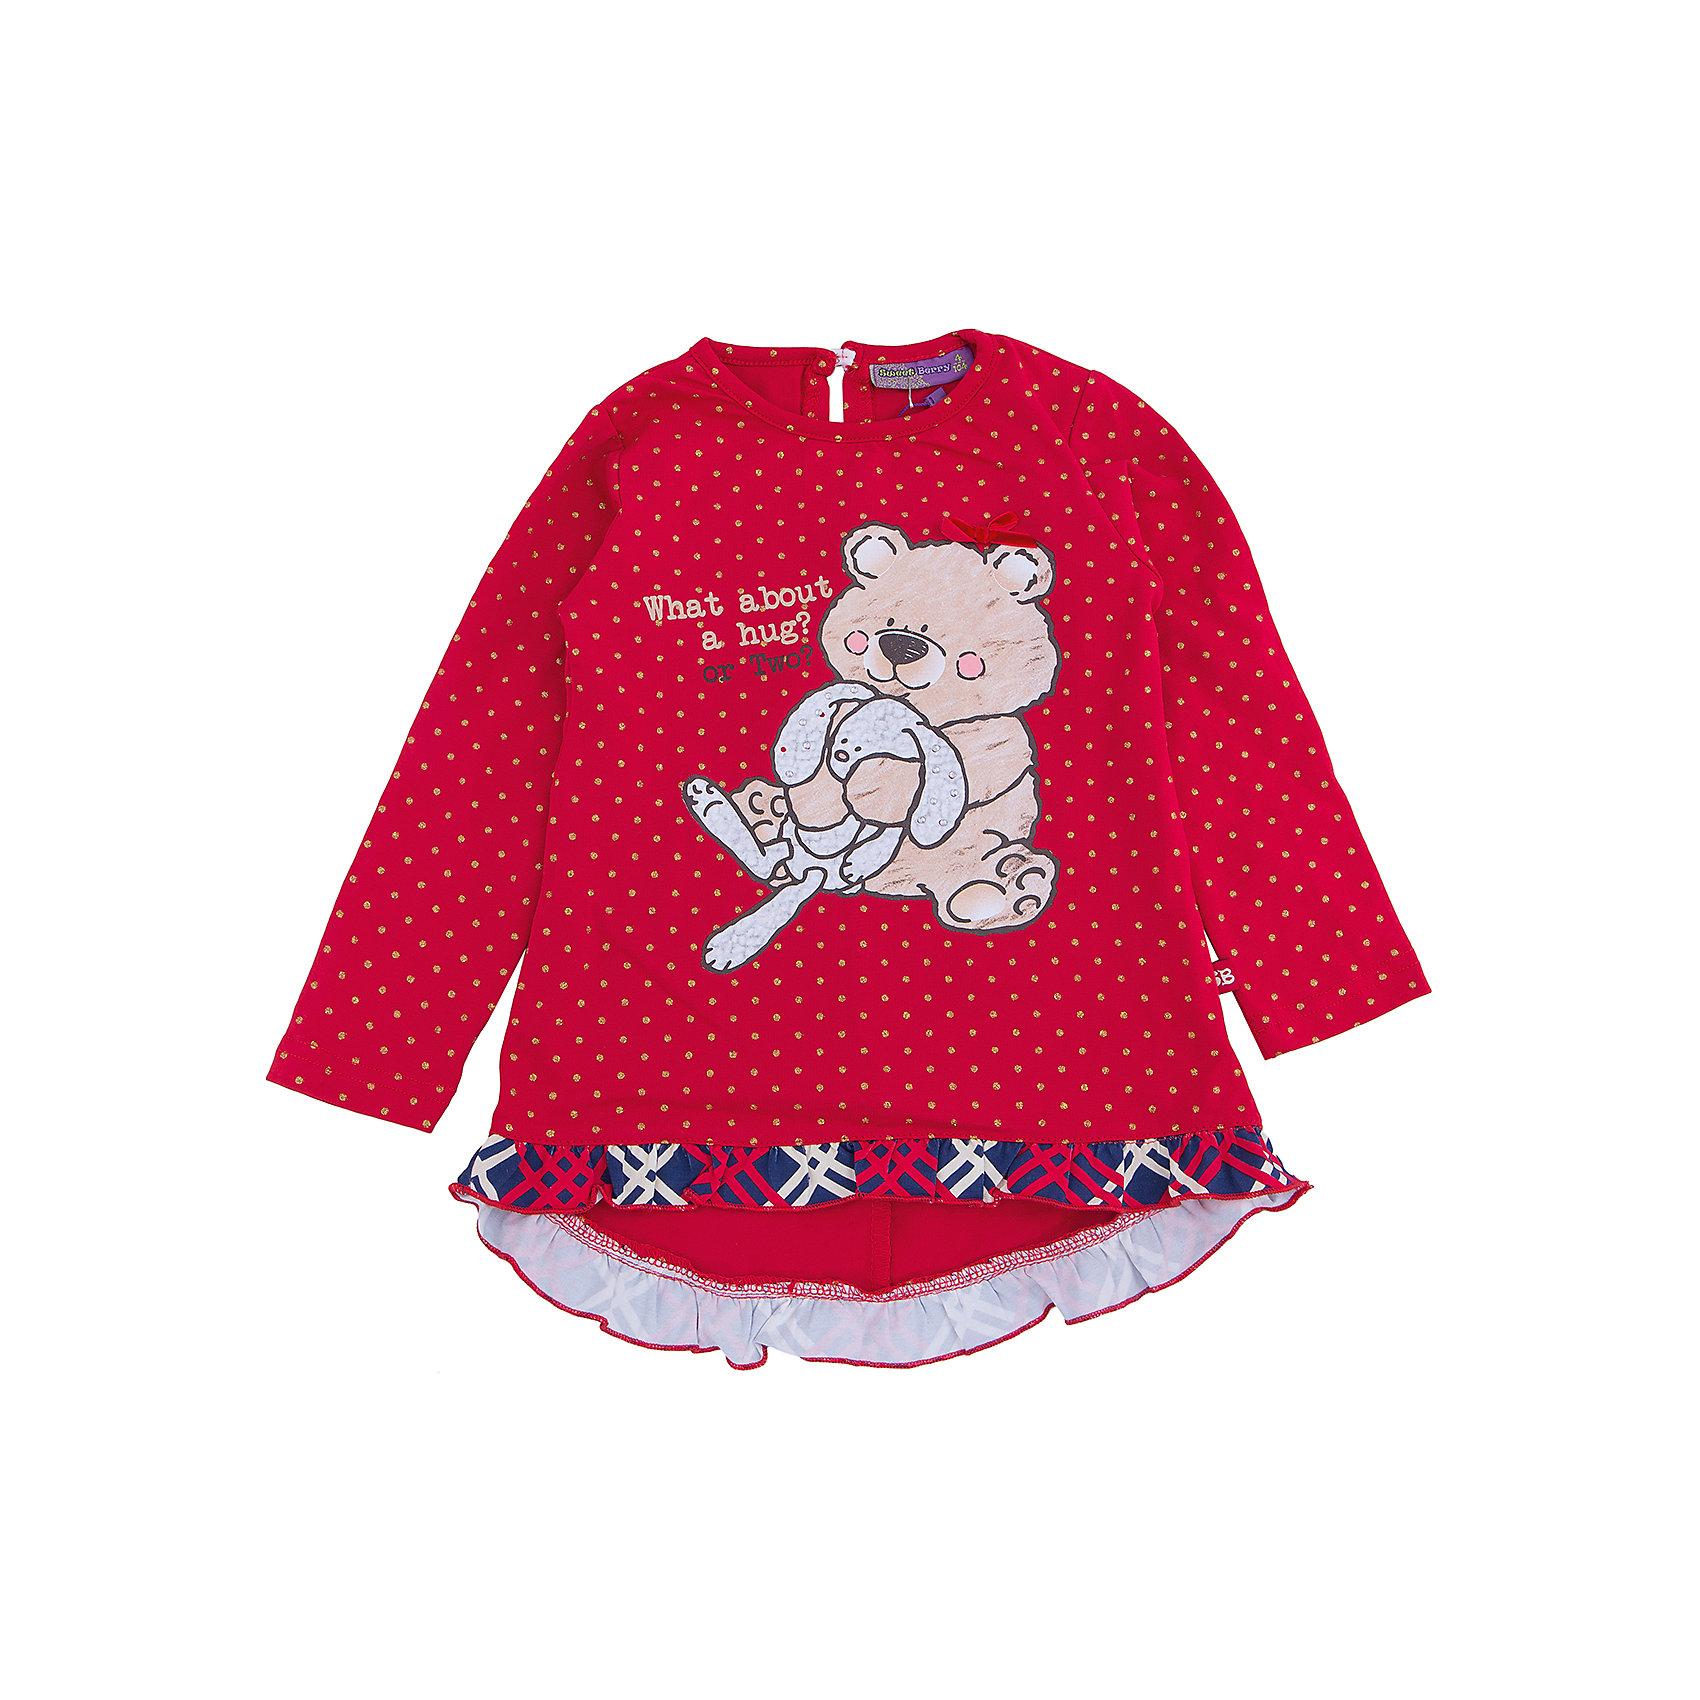 Футболка с длинным рукавом для девочки Sweet BerryФутболки с длинным рукавом<br>Очаровательная модная красная футболка с длинным рукавом станет оригинальным дополнением гардероба девочки. Модель изготовлена из мягкой и приятной к телу трикотажной ткани, которая прекрасно вентилируется и идеально подходит для детей. Для того, чтобы изделие не теряло форму, в состав добавлено небольшое количество эластана. Футболка с длинными рукавами имеет овальный вырез горловины, обработанный трикотажным кантом. Продуманный крой изделия не стесняет движений ребенка, позволяя ему свободно двигаться и играть в активные игры. Стильная футболка выполнена в приятном сочетании красного цвета и золотых паеток, на груди изображены мишка и зайка. По низу оборка из принтованного в клетку трикотажа.<br><br> Дополнительная информация:<br><br>- комплектация: футболка с длинным рукавом<br>- цвет: красный<br>- вид застежки: без застежки <br>- состав: 95% хлопок, 5% эластан <br>- уход за вещами: бережная стирка при t не более 40с<br>- рисунок: с рисунком<br>- назначение: повседневная<br>- сезон: осень-зима<br>- пол: девочки<br><br>Футболку с длинным рукавом  для девочки торговой марки Sweet Berry можно купить в нашем интернет-магазине<br><br>Ширина мм: 230<br>Глубина мм: 40<br>Высота мм: 220<br>Вес г: 250<br>Цвет: красный<br>Возраст от месяцев: 72<br>Возраст до месяцев: 84<br>Пол: Женский<br>Возраст: Детский<br>Размер: 122,98,104,110,116,128<br>SKU: 4929373